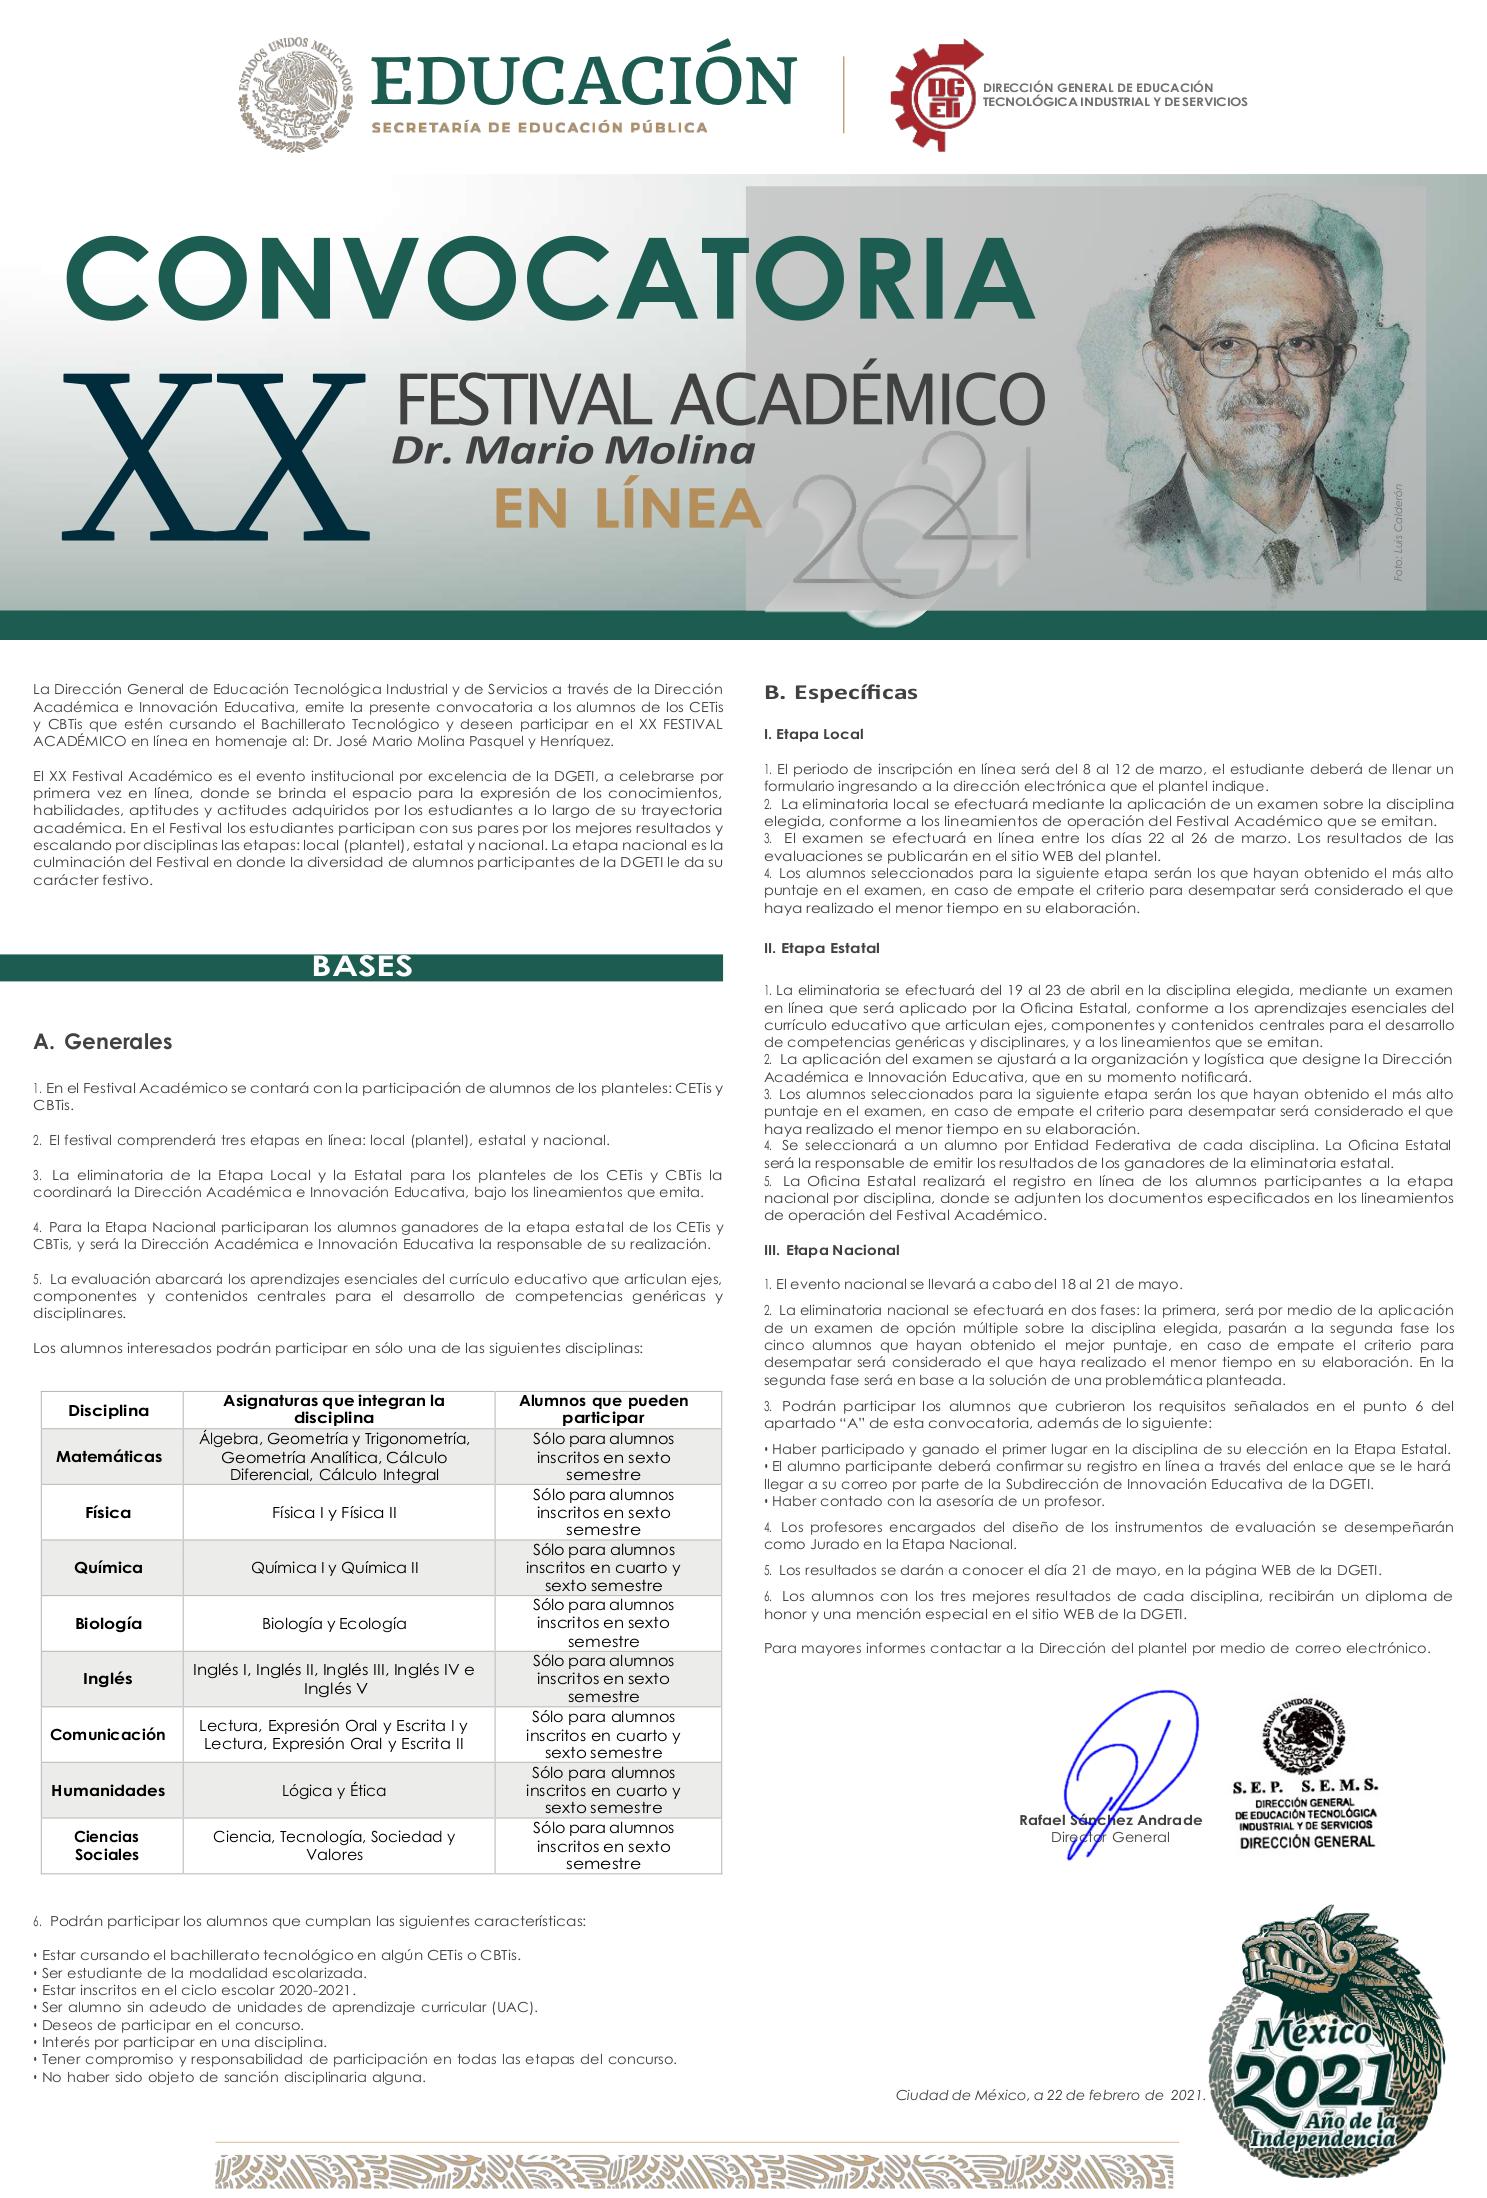 """XX FESTIVAL ACADÉMICO 2021"""" Dr. Mario Molina EN LÍNEA"""